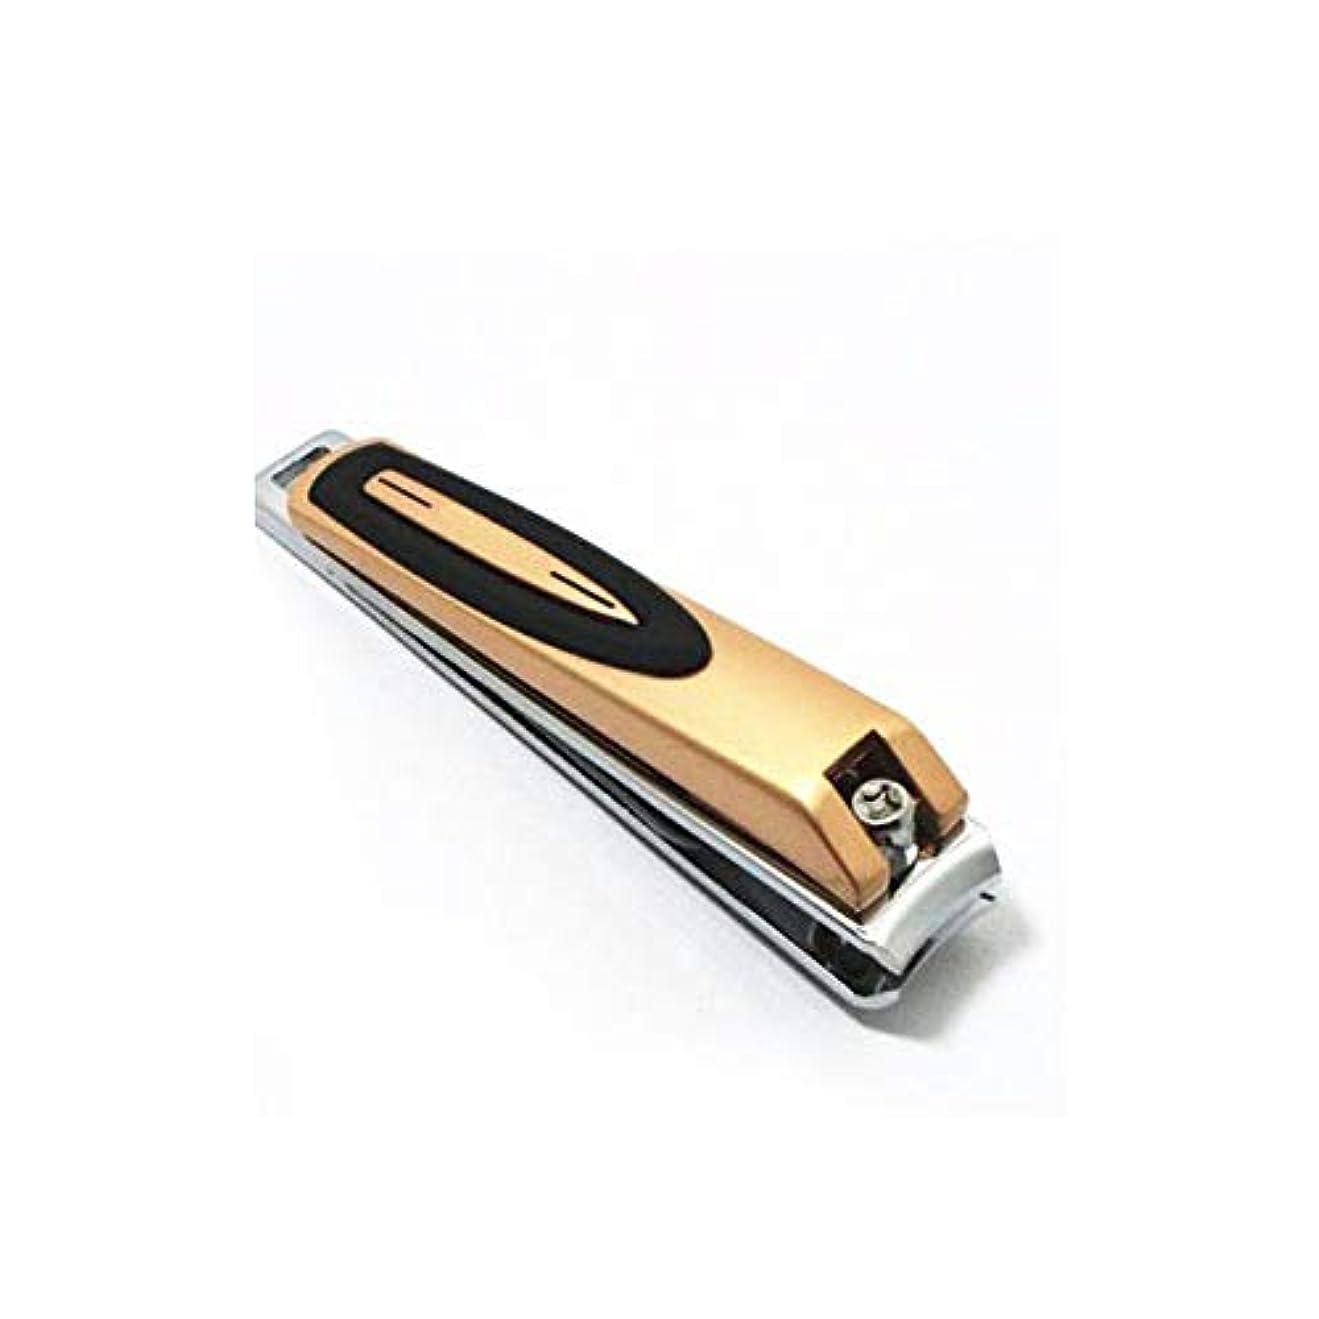 仮説今こどもセンターステンレス爪切りファッション爪切り携帯便利男女兼用爪切りセット、銅色